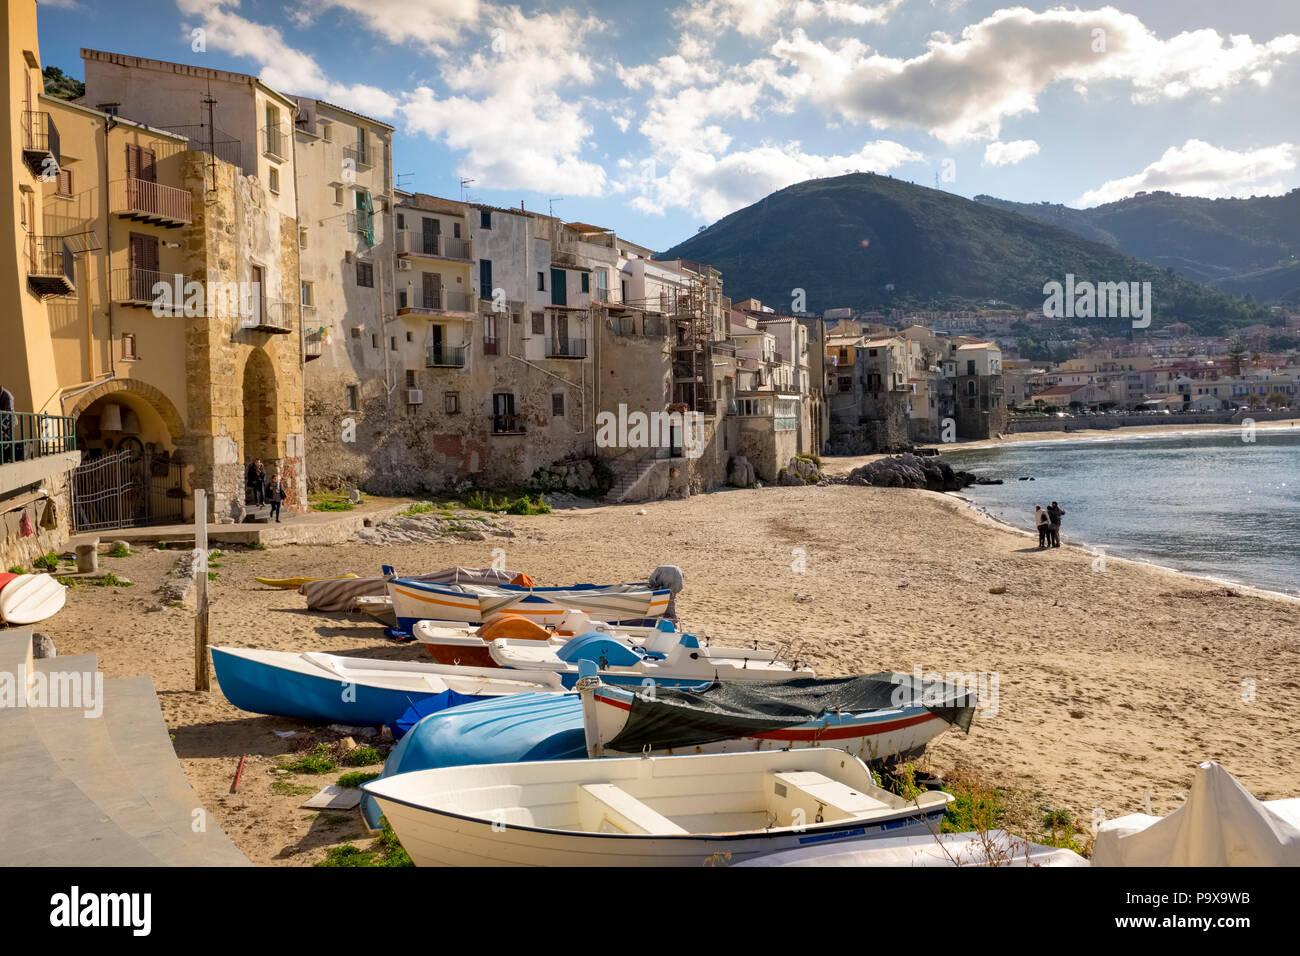 Sicilia - spiaggia medievale con case di pescatori sul lungomare nella città di Cefalu, Sicilia Immagini Stock